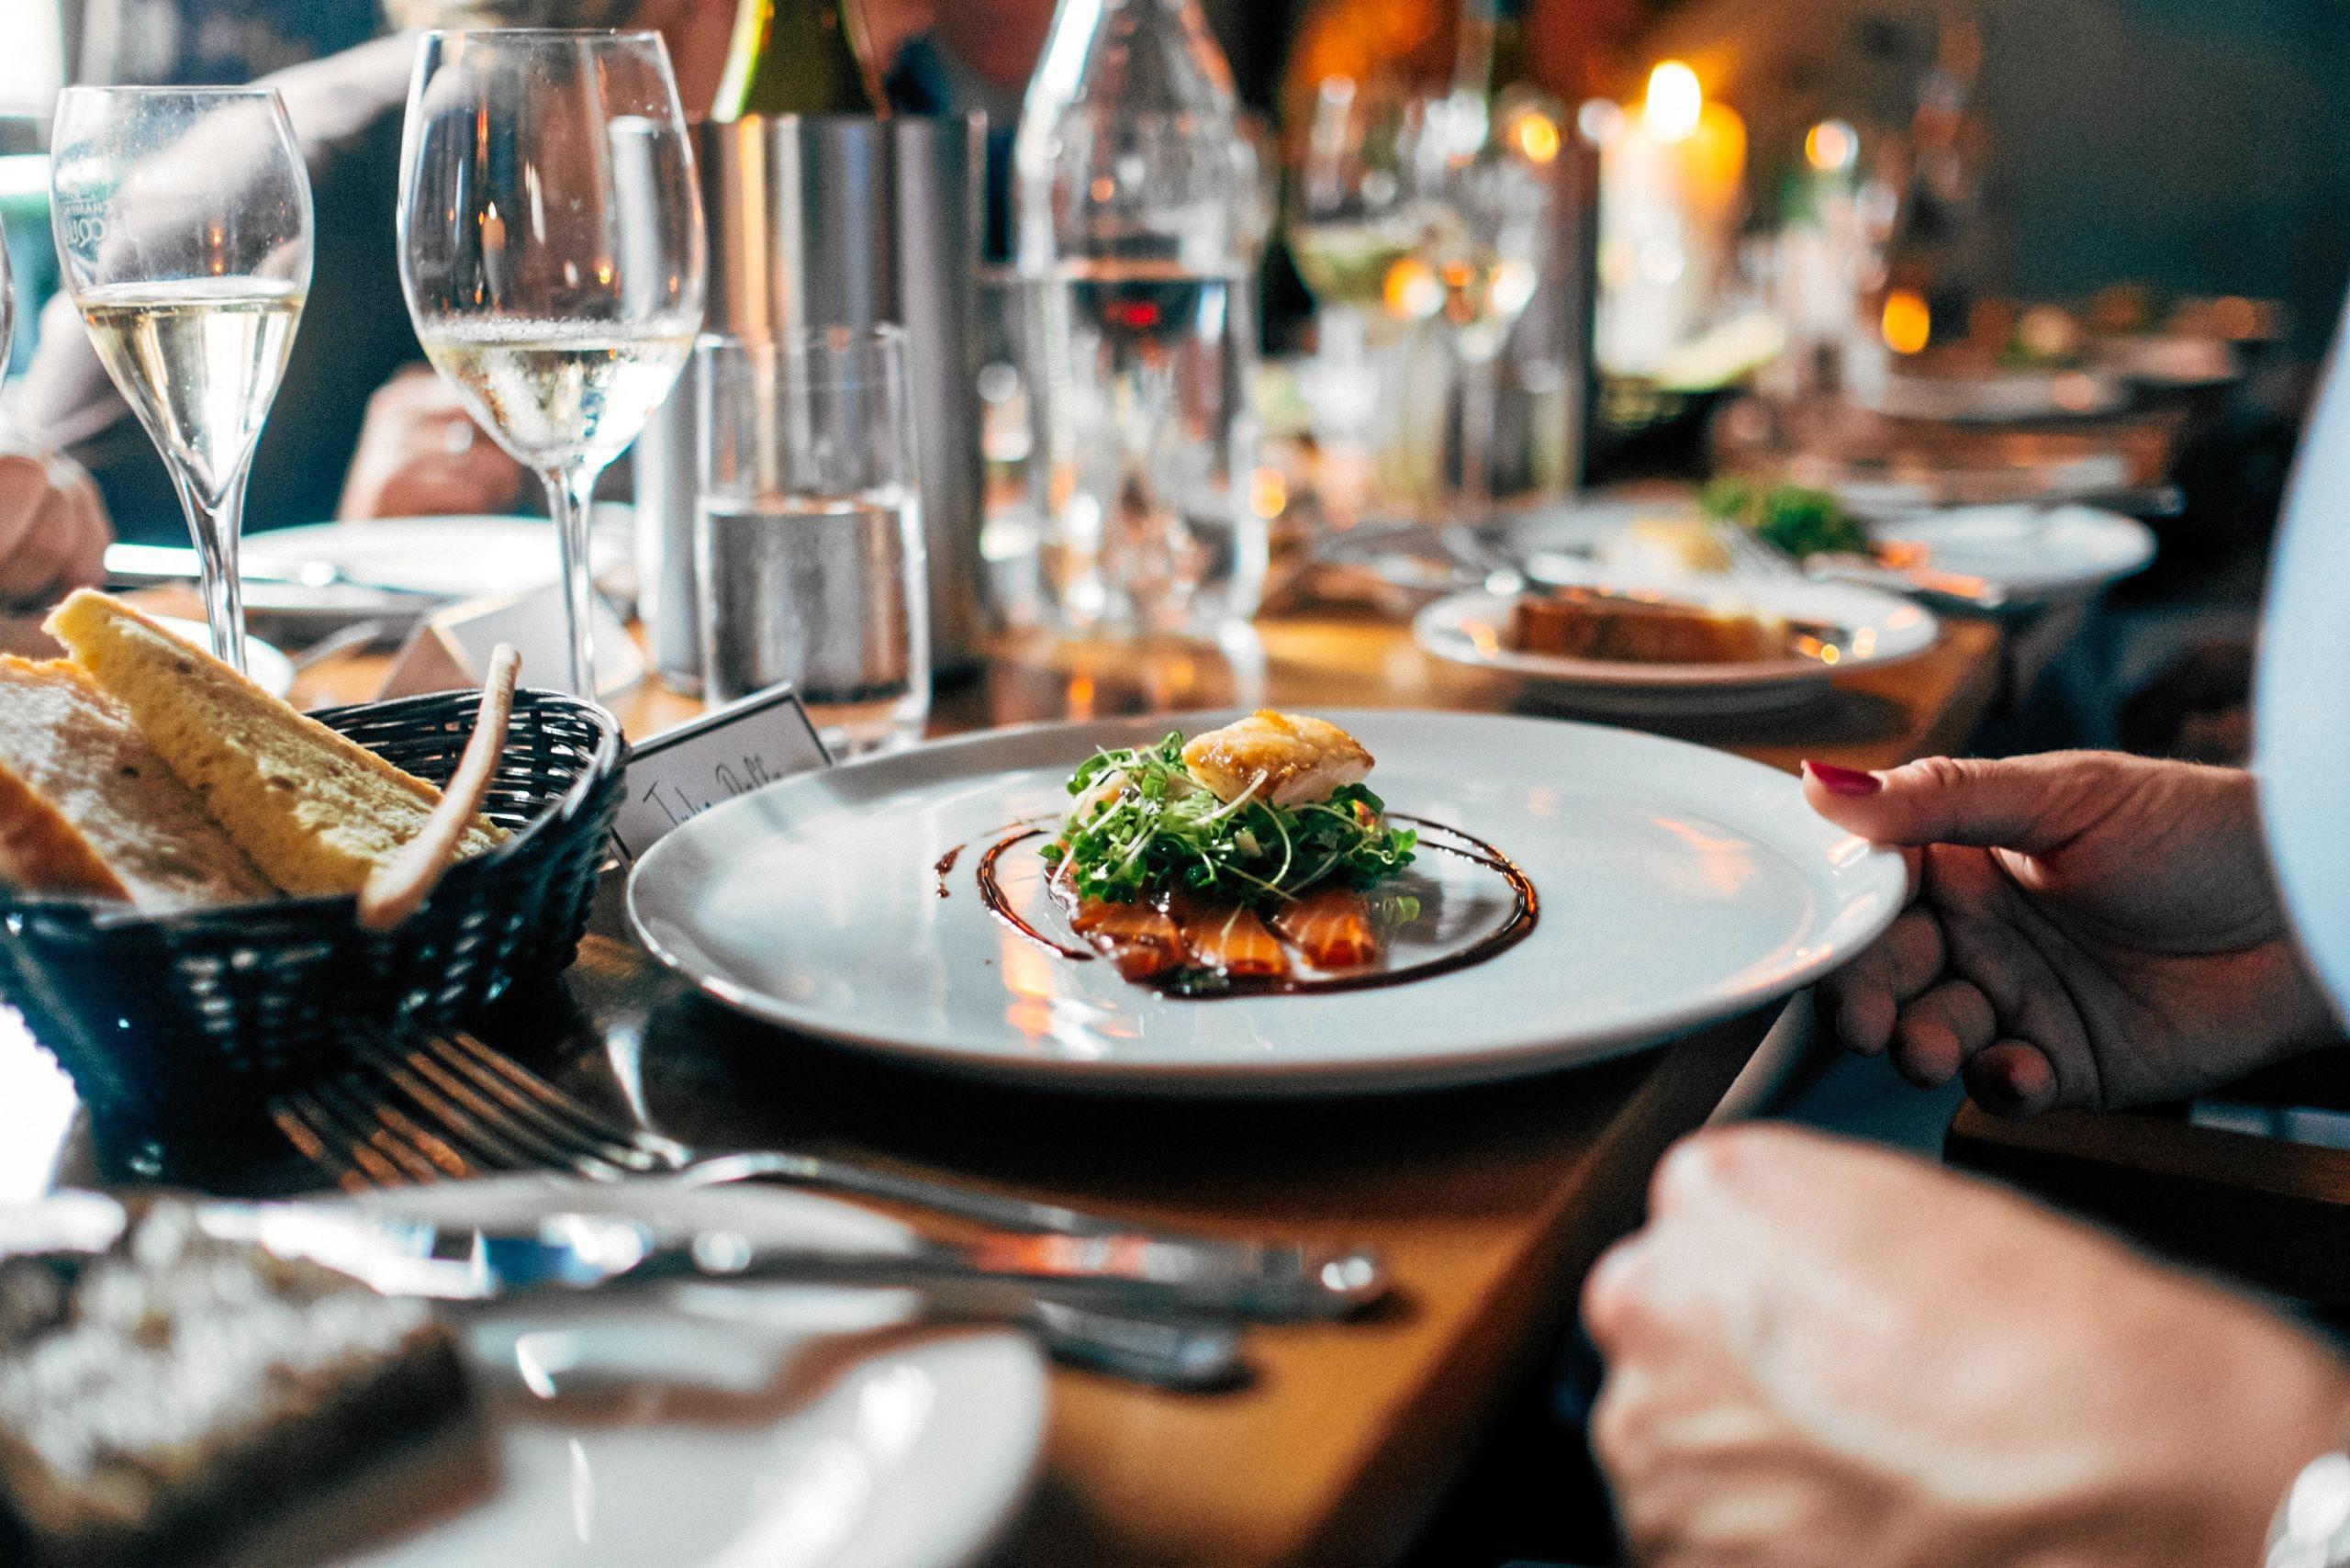 Seks Aalborg-restauranter er med i Dining Week 2018, hvor du kan sætte dig til bords for 215 kroner. PR-foto